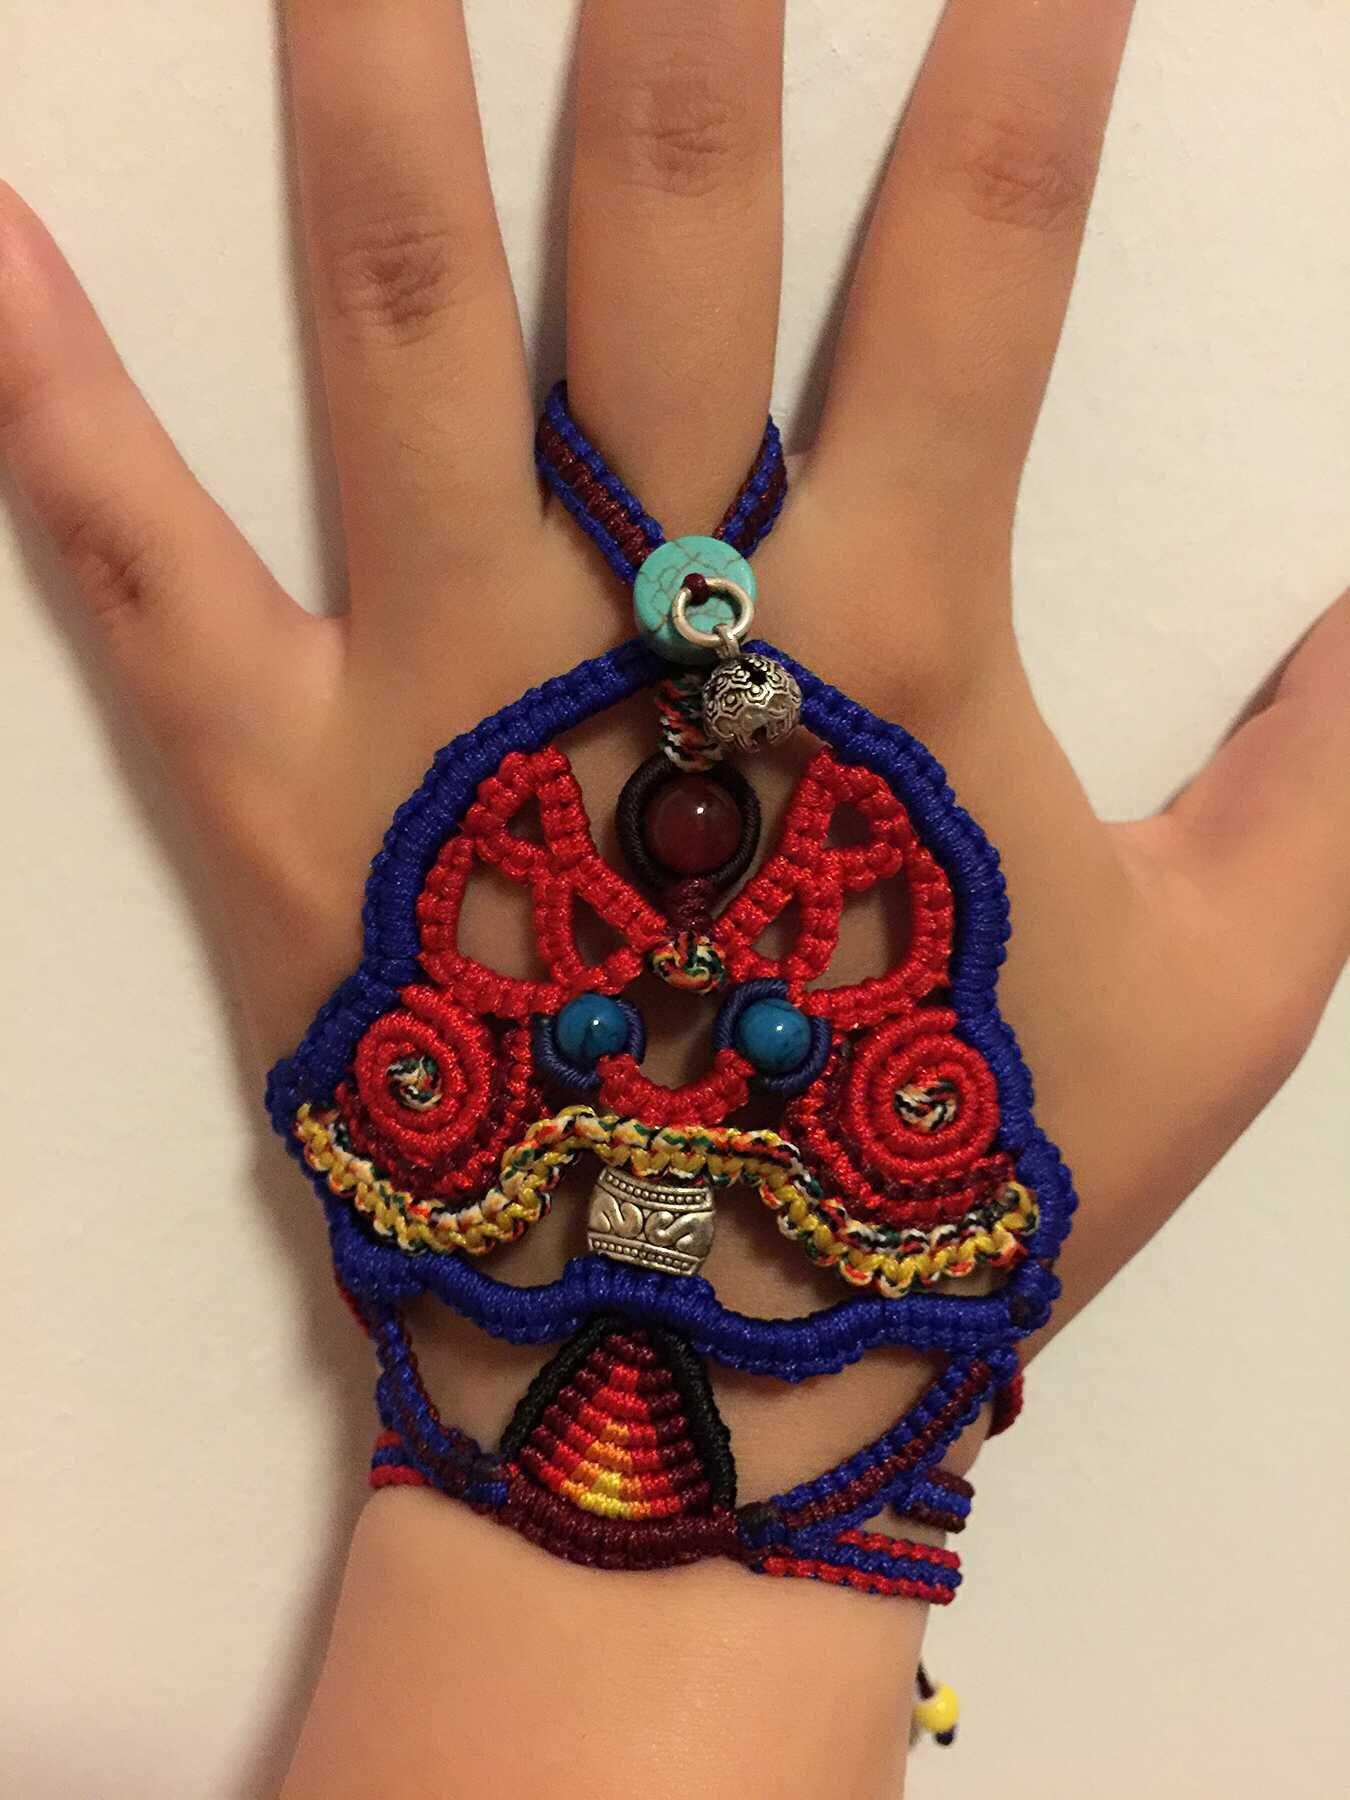 中国结论坛 我编的带在手背上的民族风饰品,第一次自己设计,感觉棒棒哒 民族,饰品 作品展示 120601iw2hyy2watxony2w